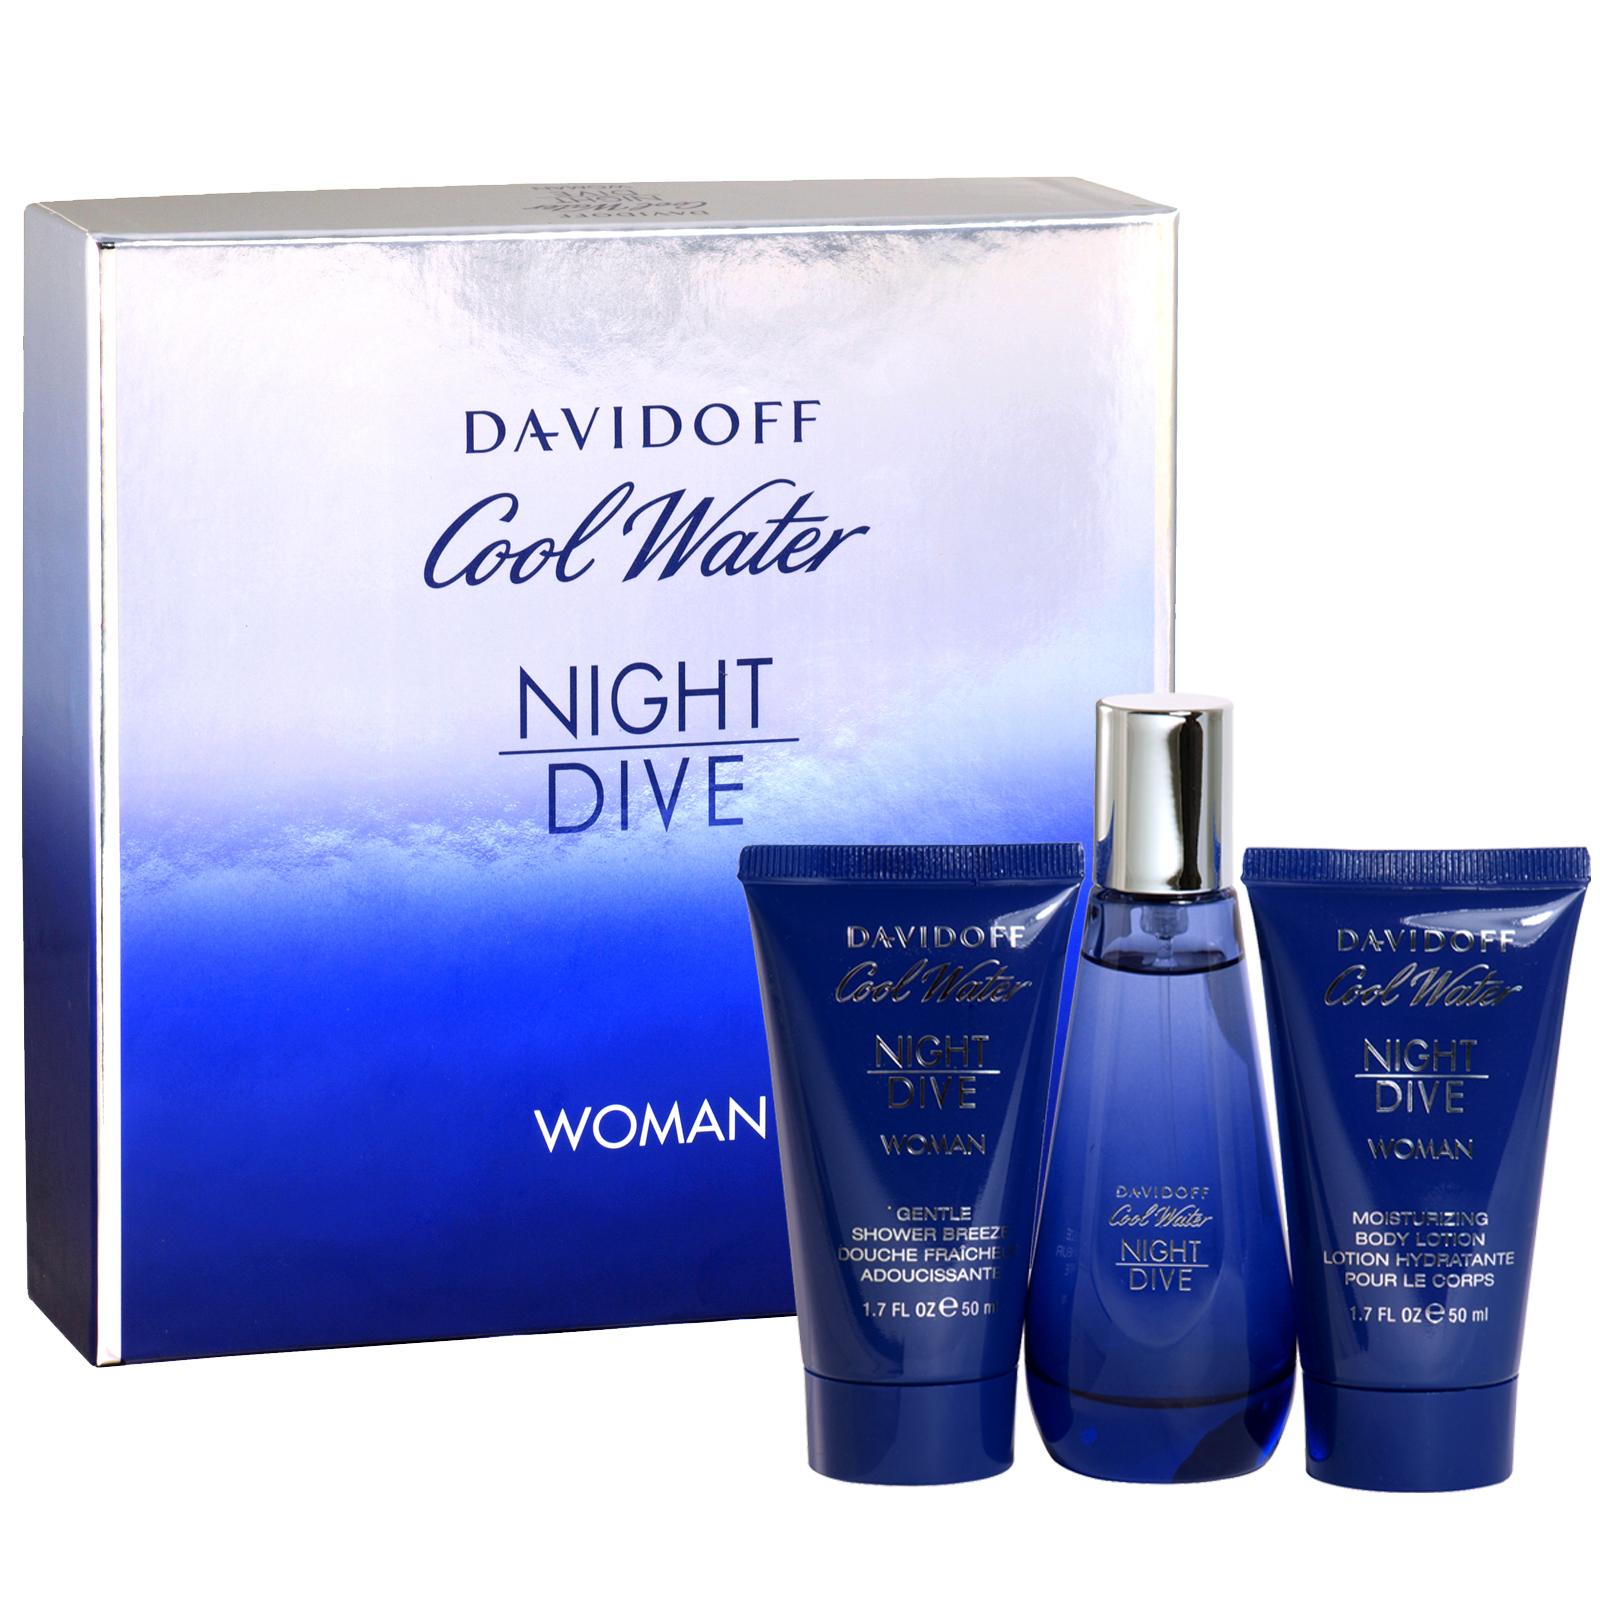 DAVIDOFF COOL WATER NIGHT DIVE LADIES 3PC SET